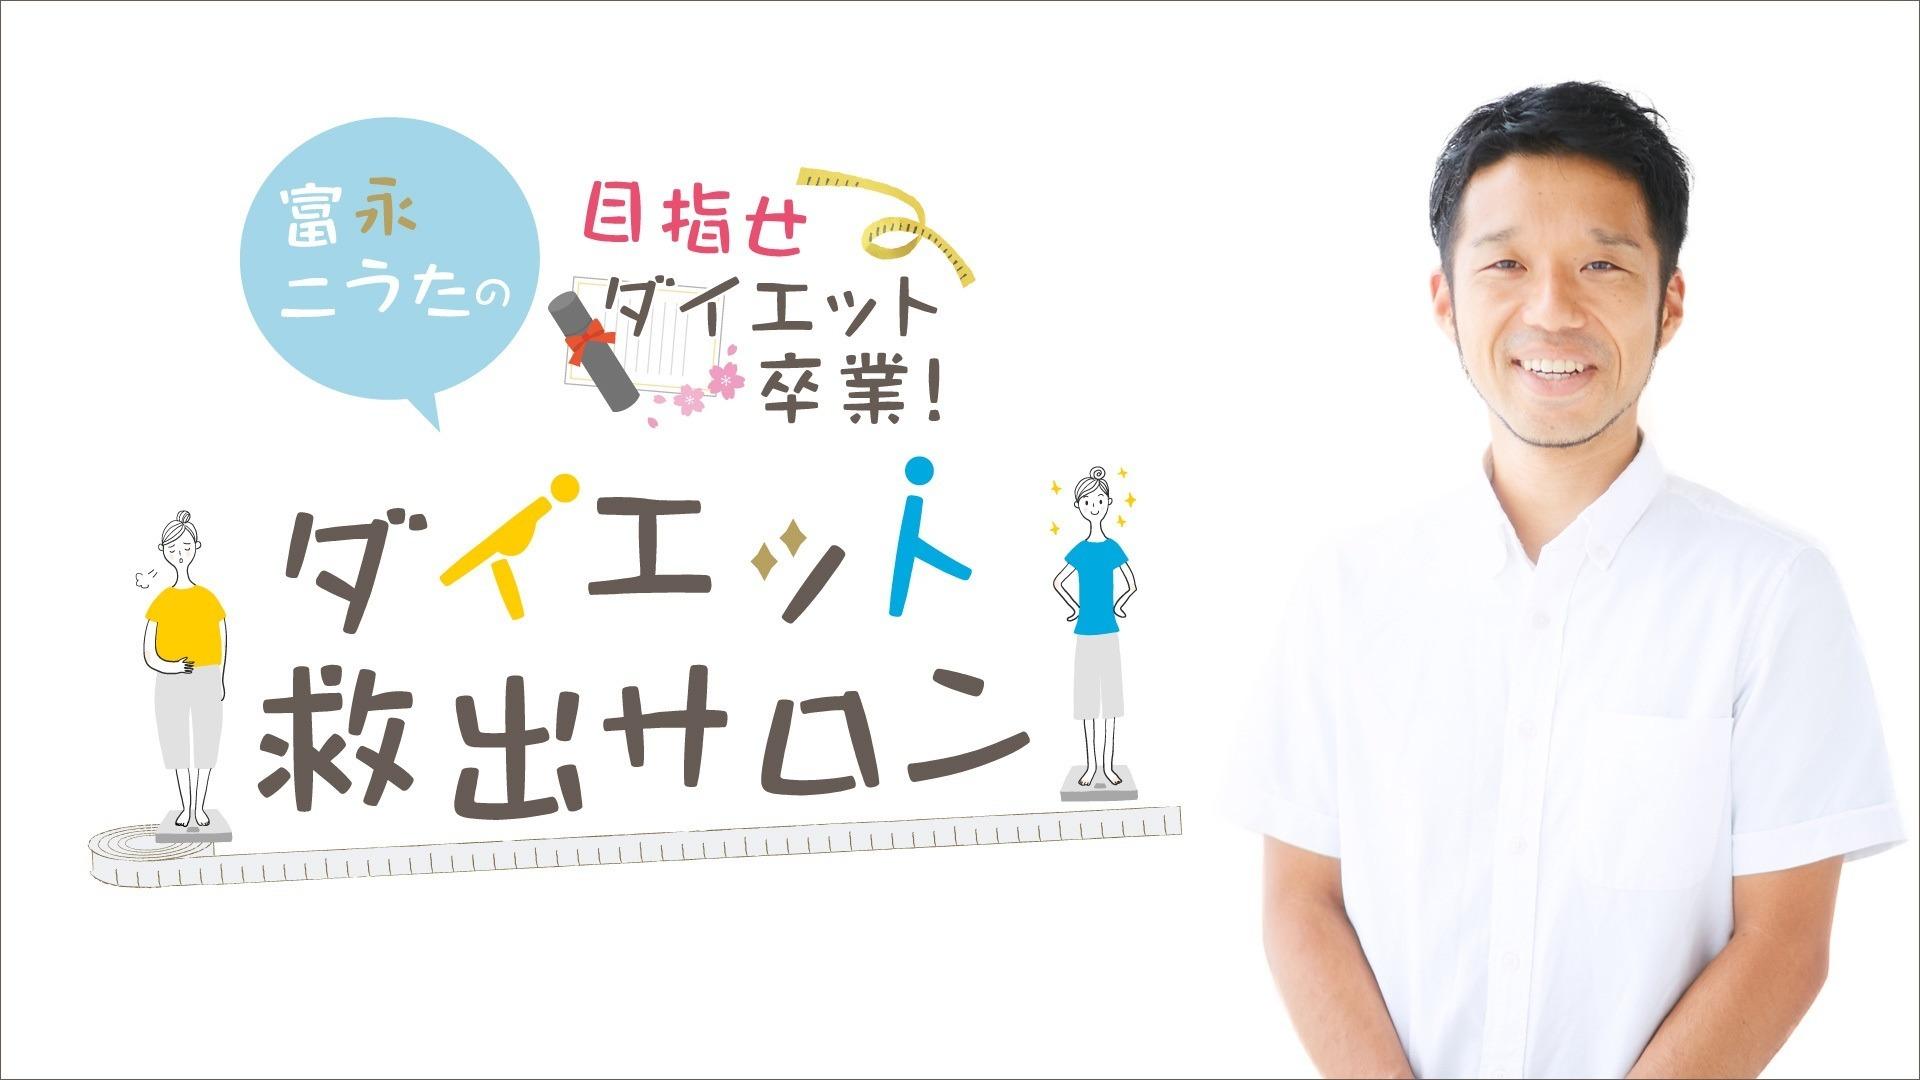 食欲コントロールダイエット協会 代表理事 富永康太 - ダイエット救出サロン~目指せダイエット卒業!~ - DMM オンラインサロン